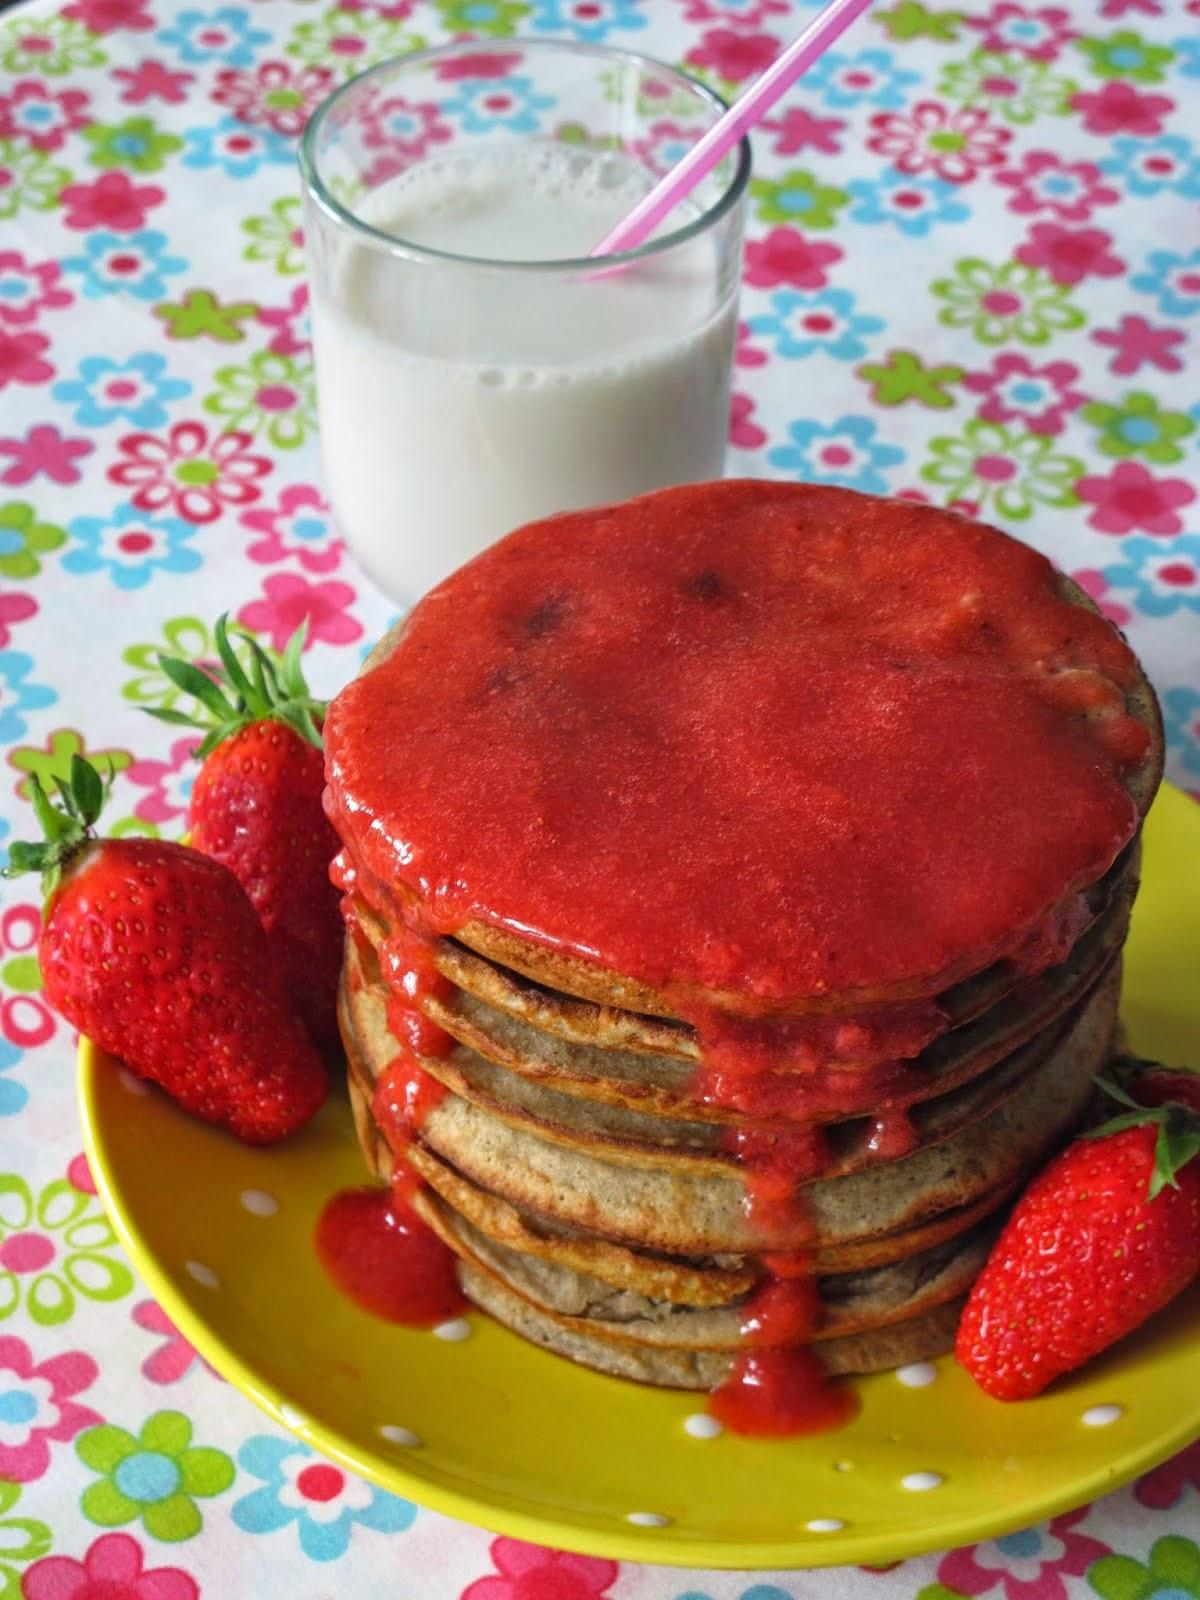 sans gluten sans lactose pancakes au coulis de fraises sans gluten et sans lactose. Black Bedroom Furniture Sets. Home Design Ideas